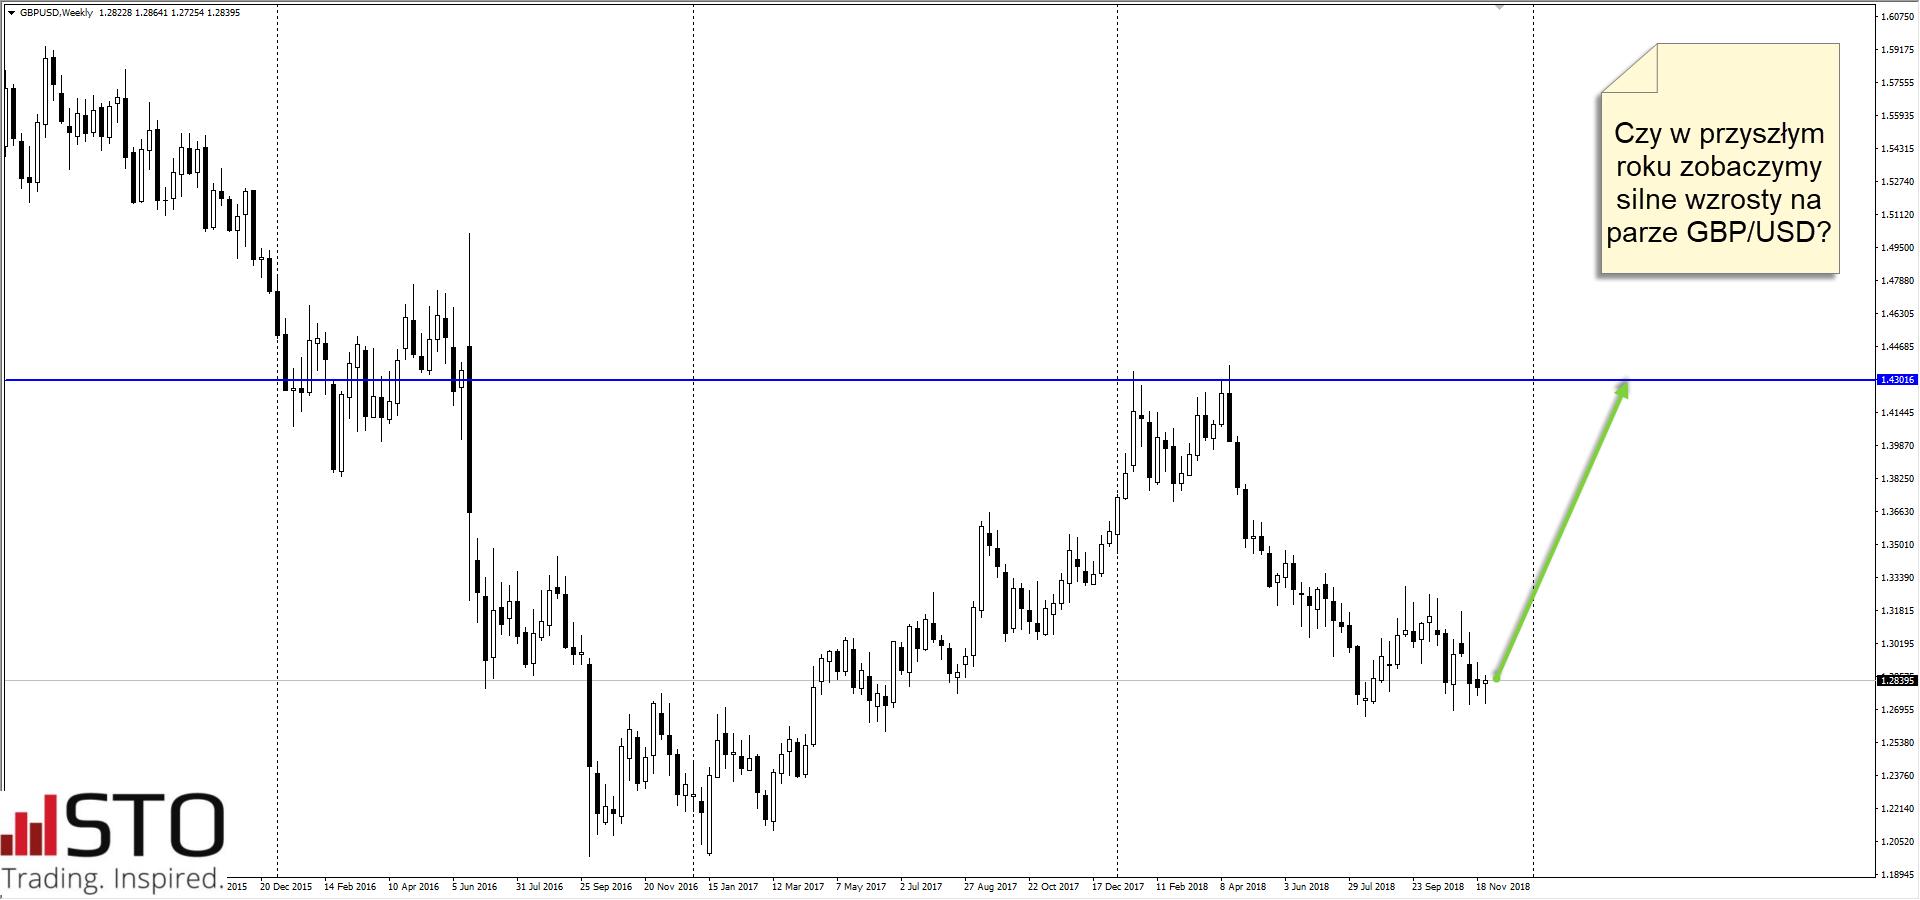 GBP/USD ma szanse dotrzeć do poziomu 1.43 pod jednym warunkiem...